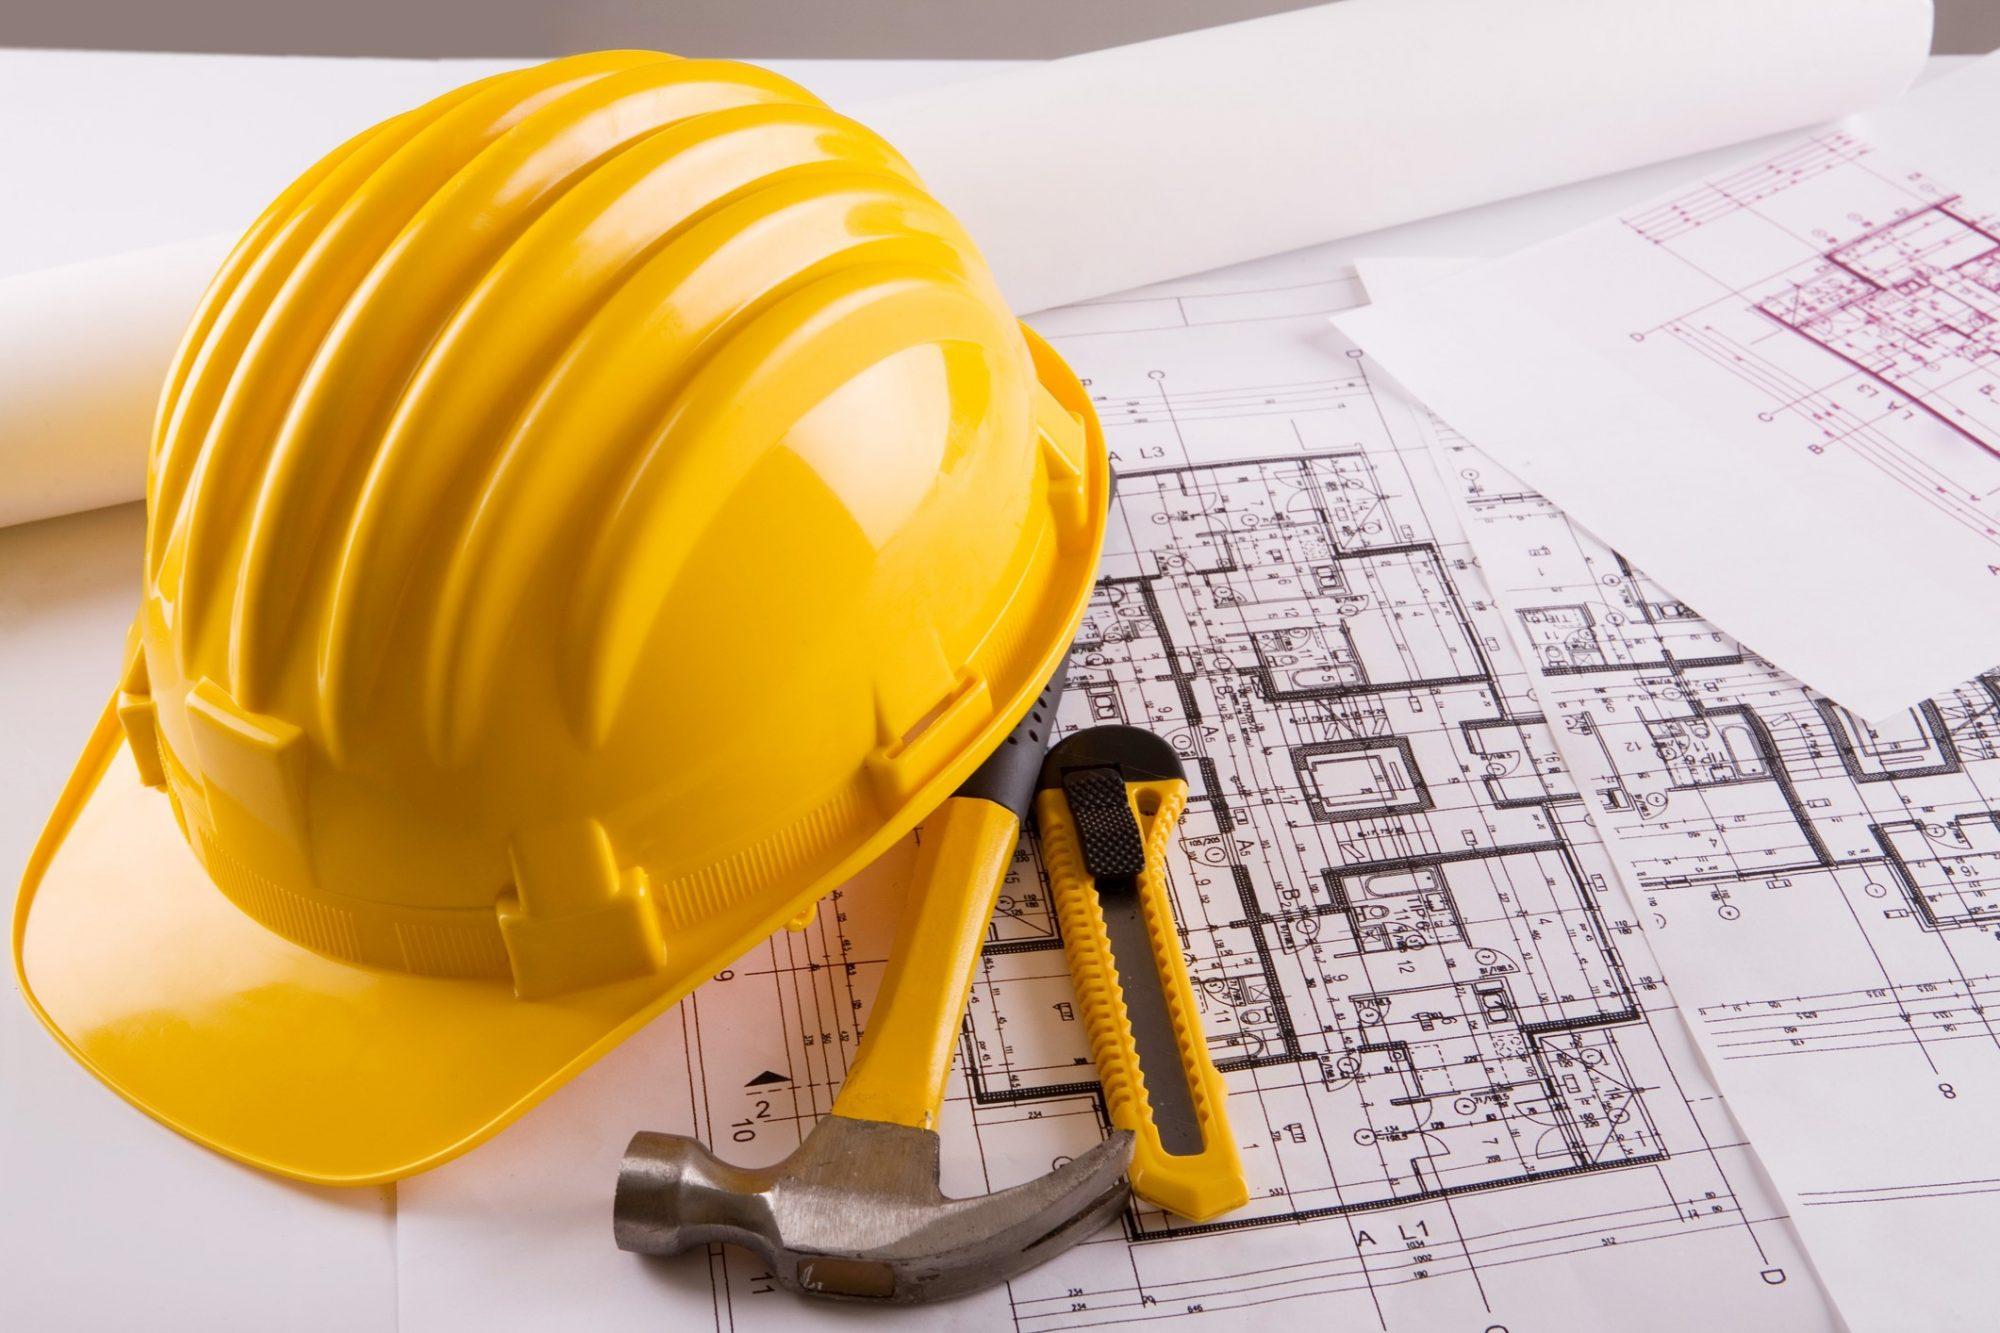 Картинки на тему ремонта стройки